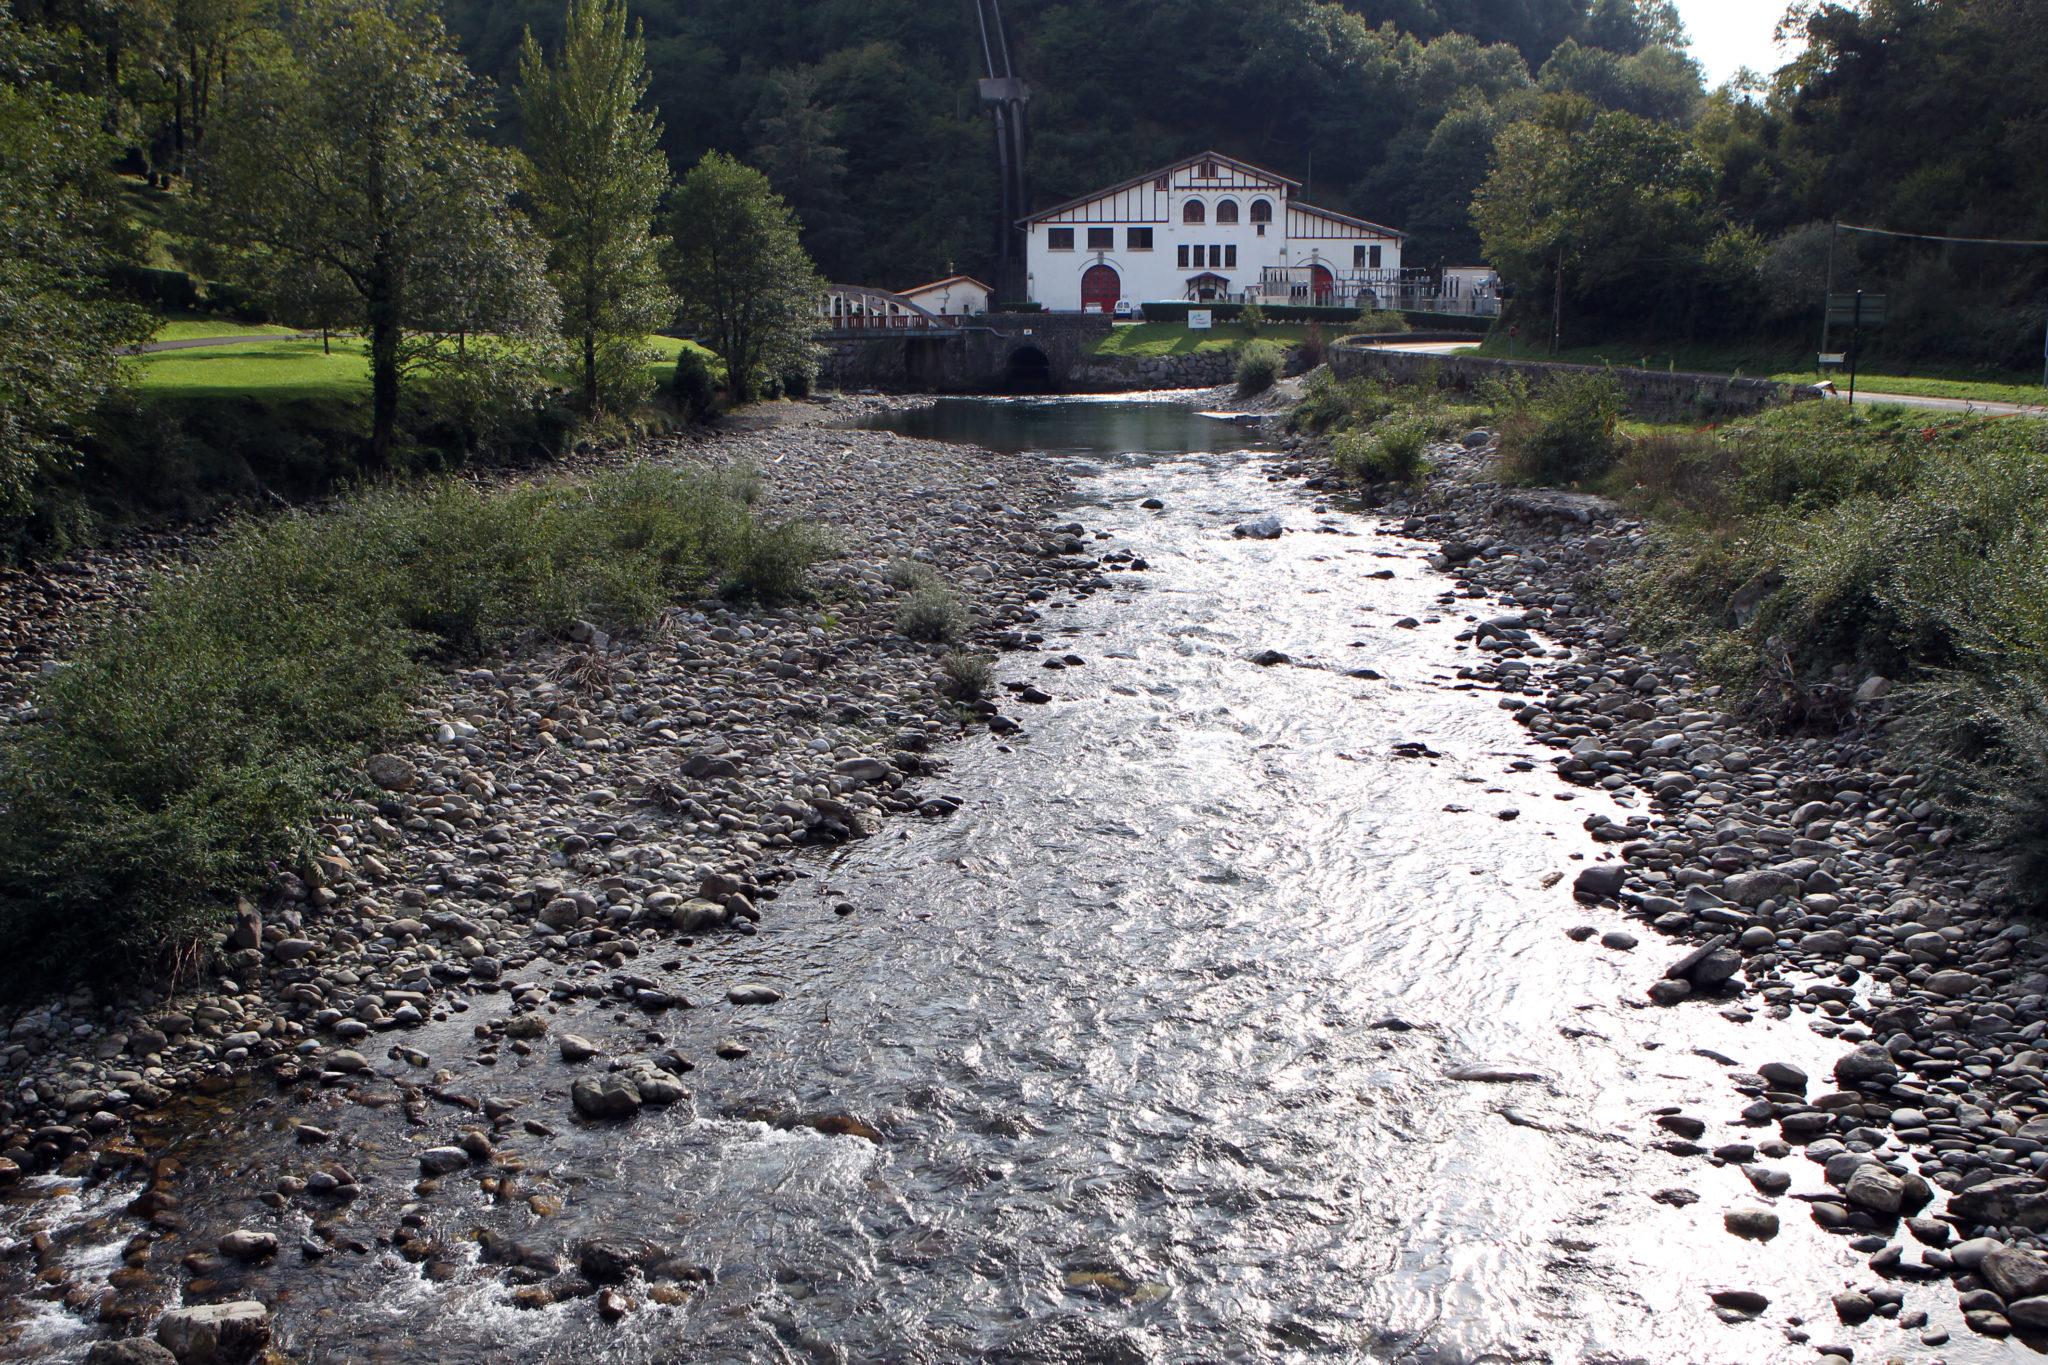 produire une énergie renouvelable au Pays basque